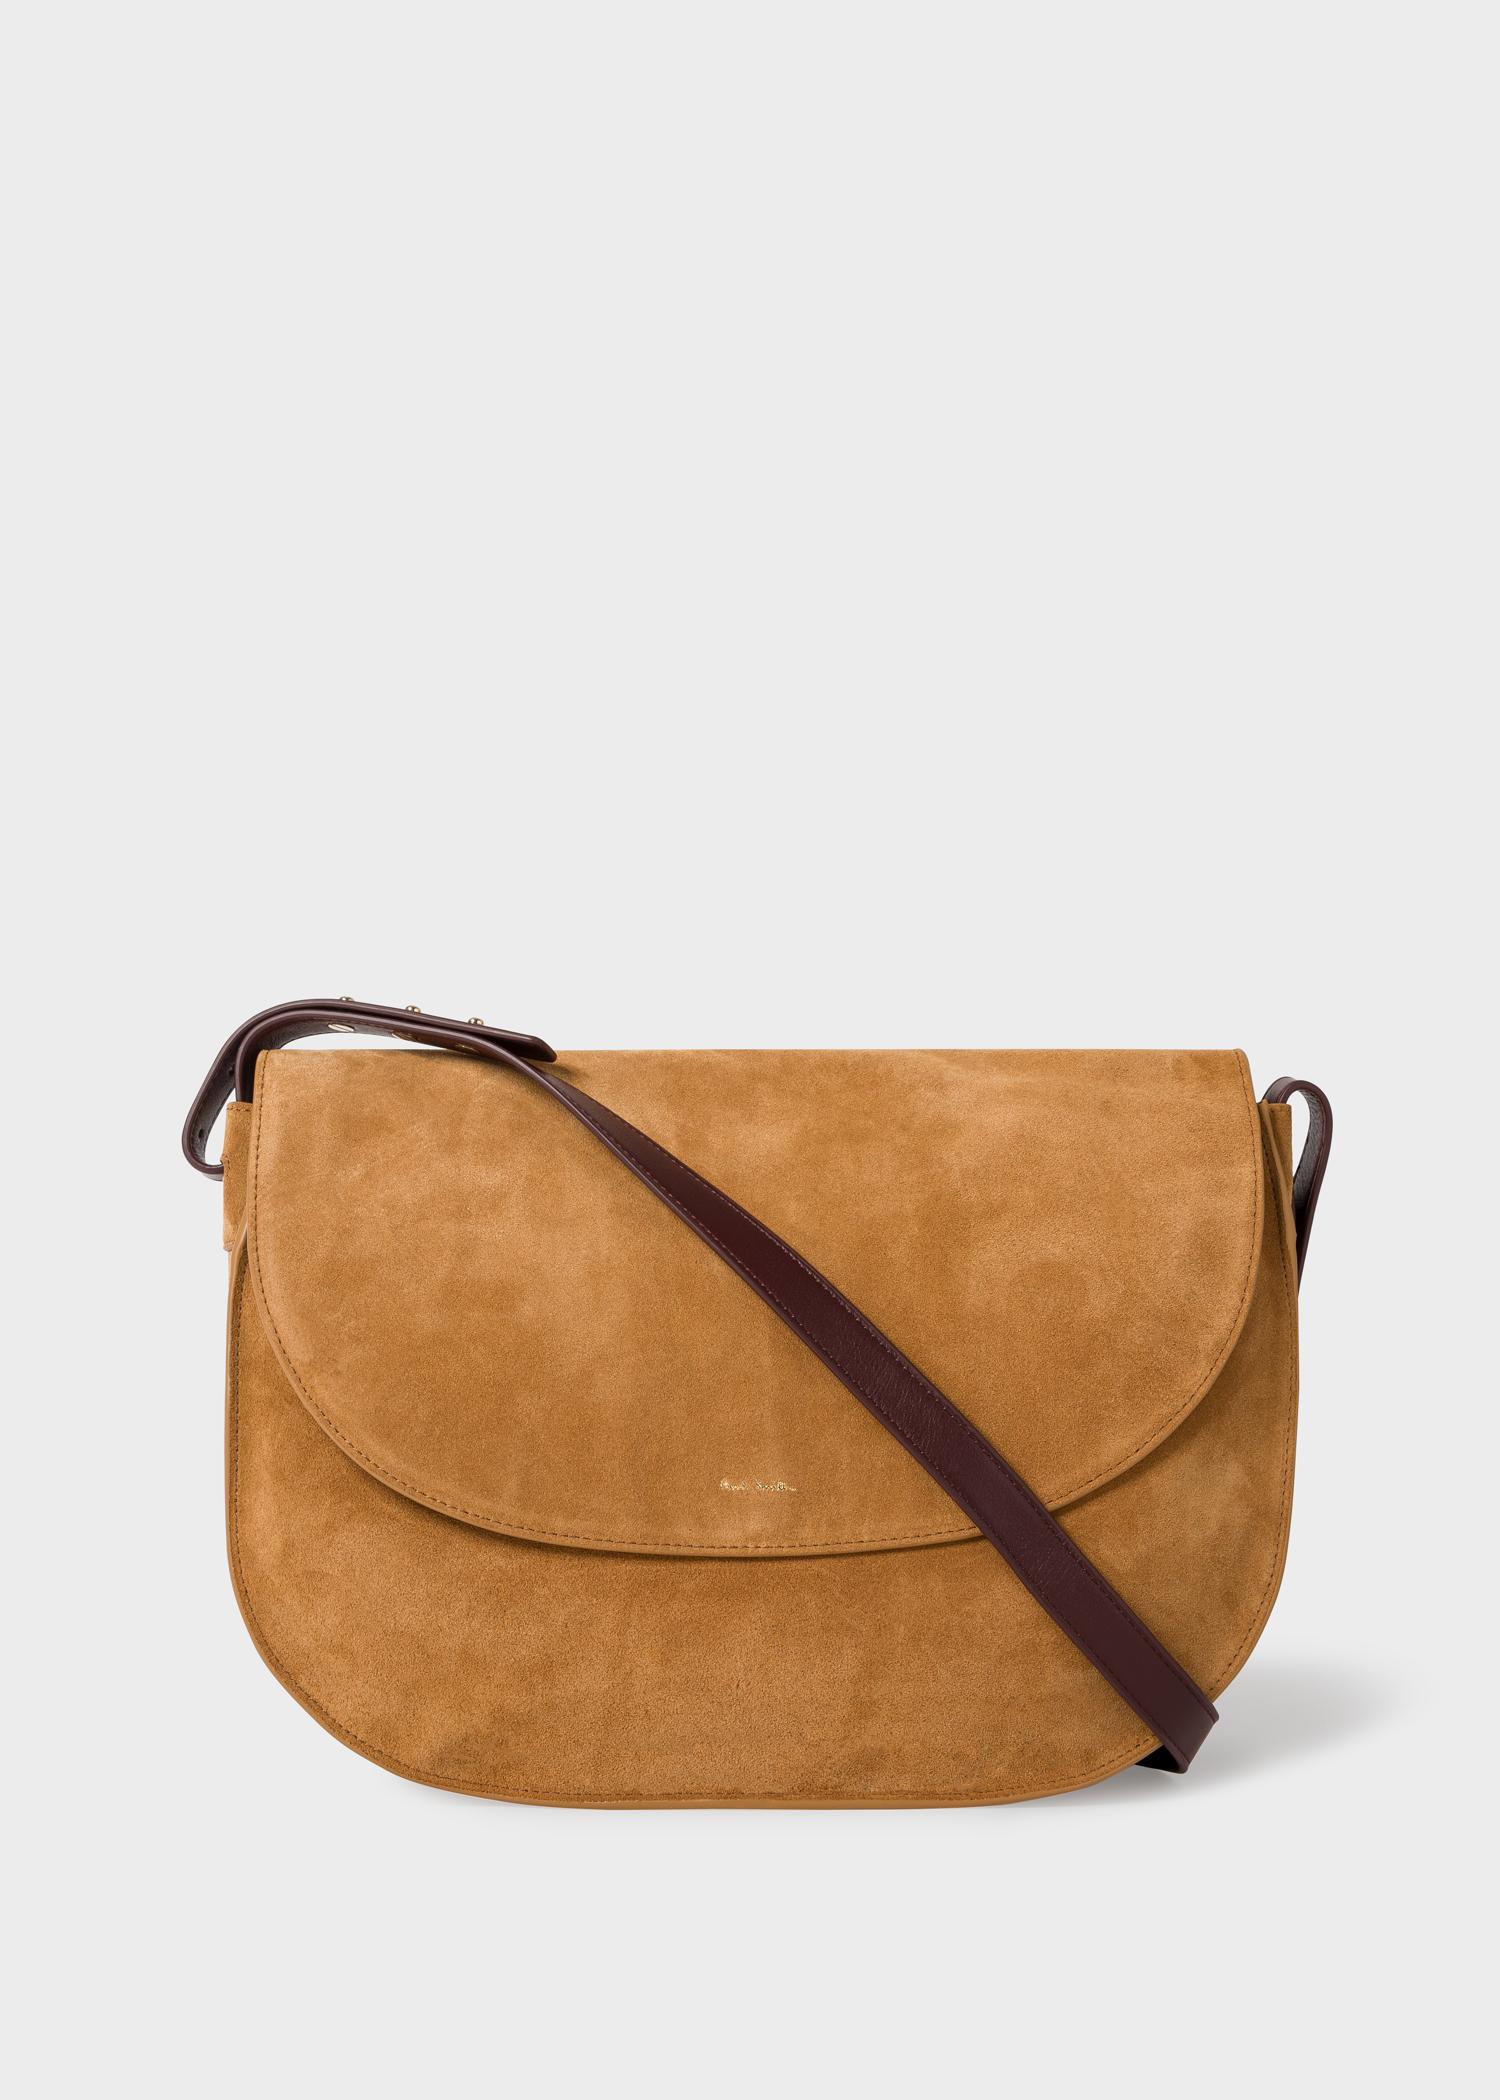 fdac5e82 Front View - Women's Tan Suede Leather Satchel Bag Paul Smith